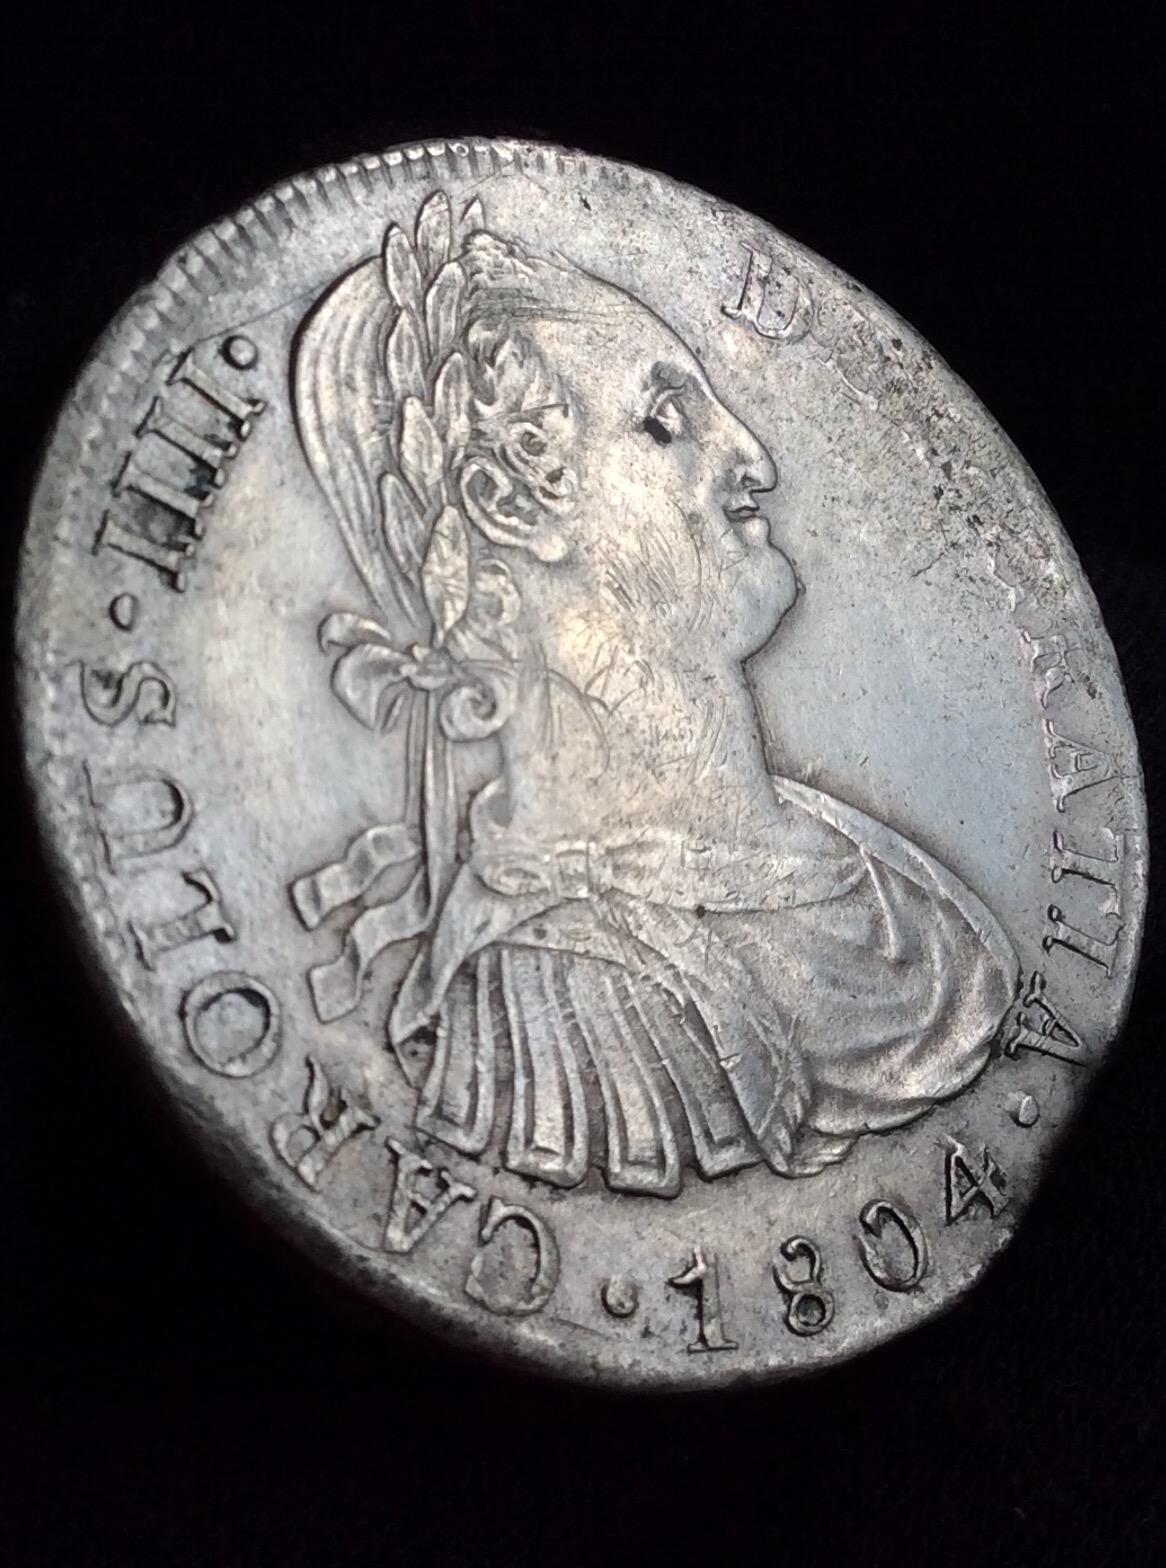 8 REALES PLATA 1804 - CARLOS IV - LIMA - GRANDES RELIEVES - PRECIOSA